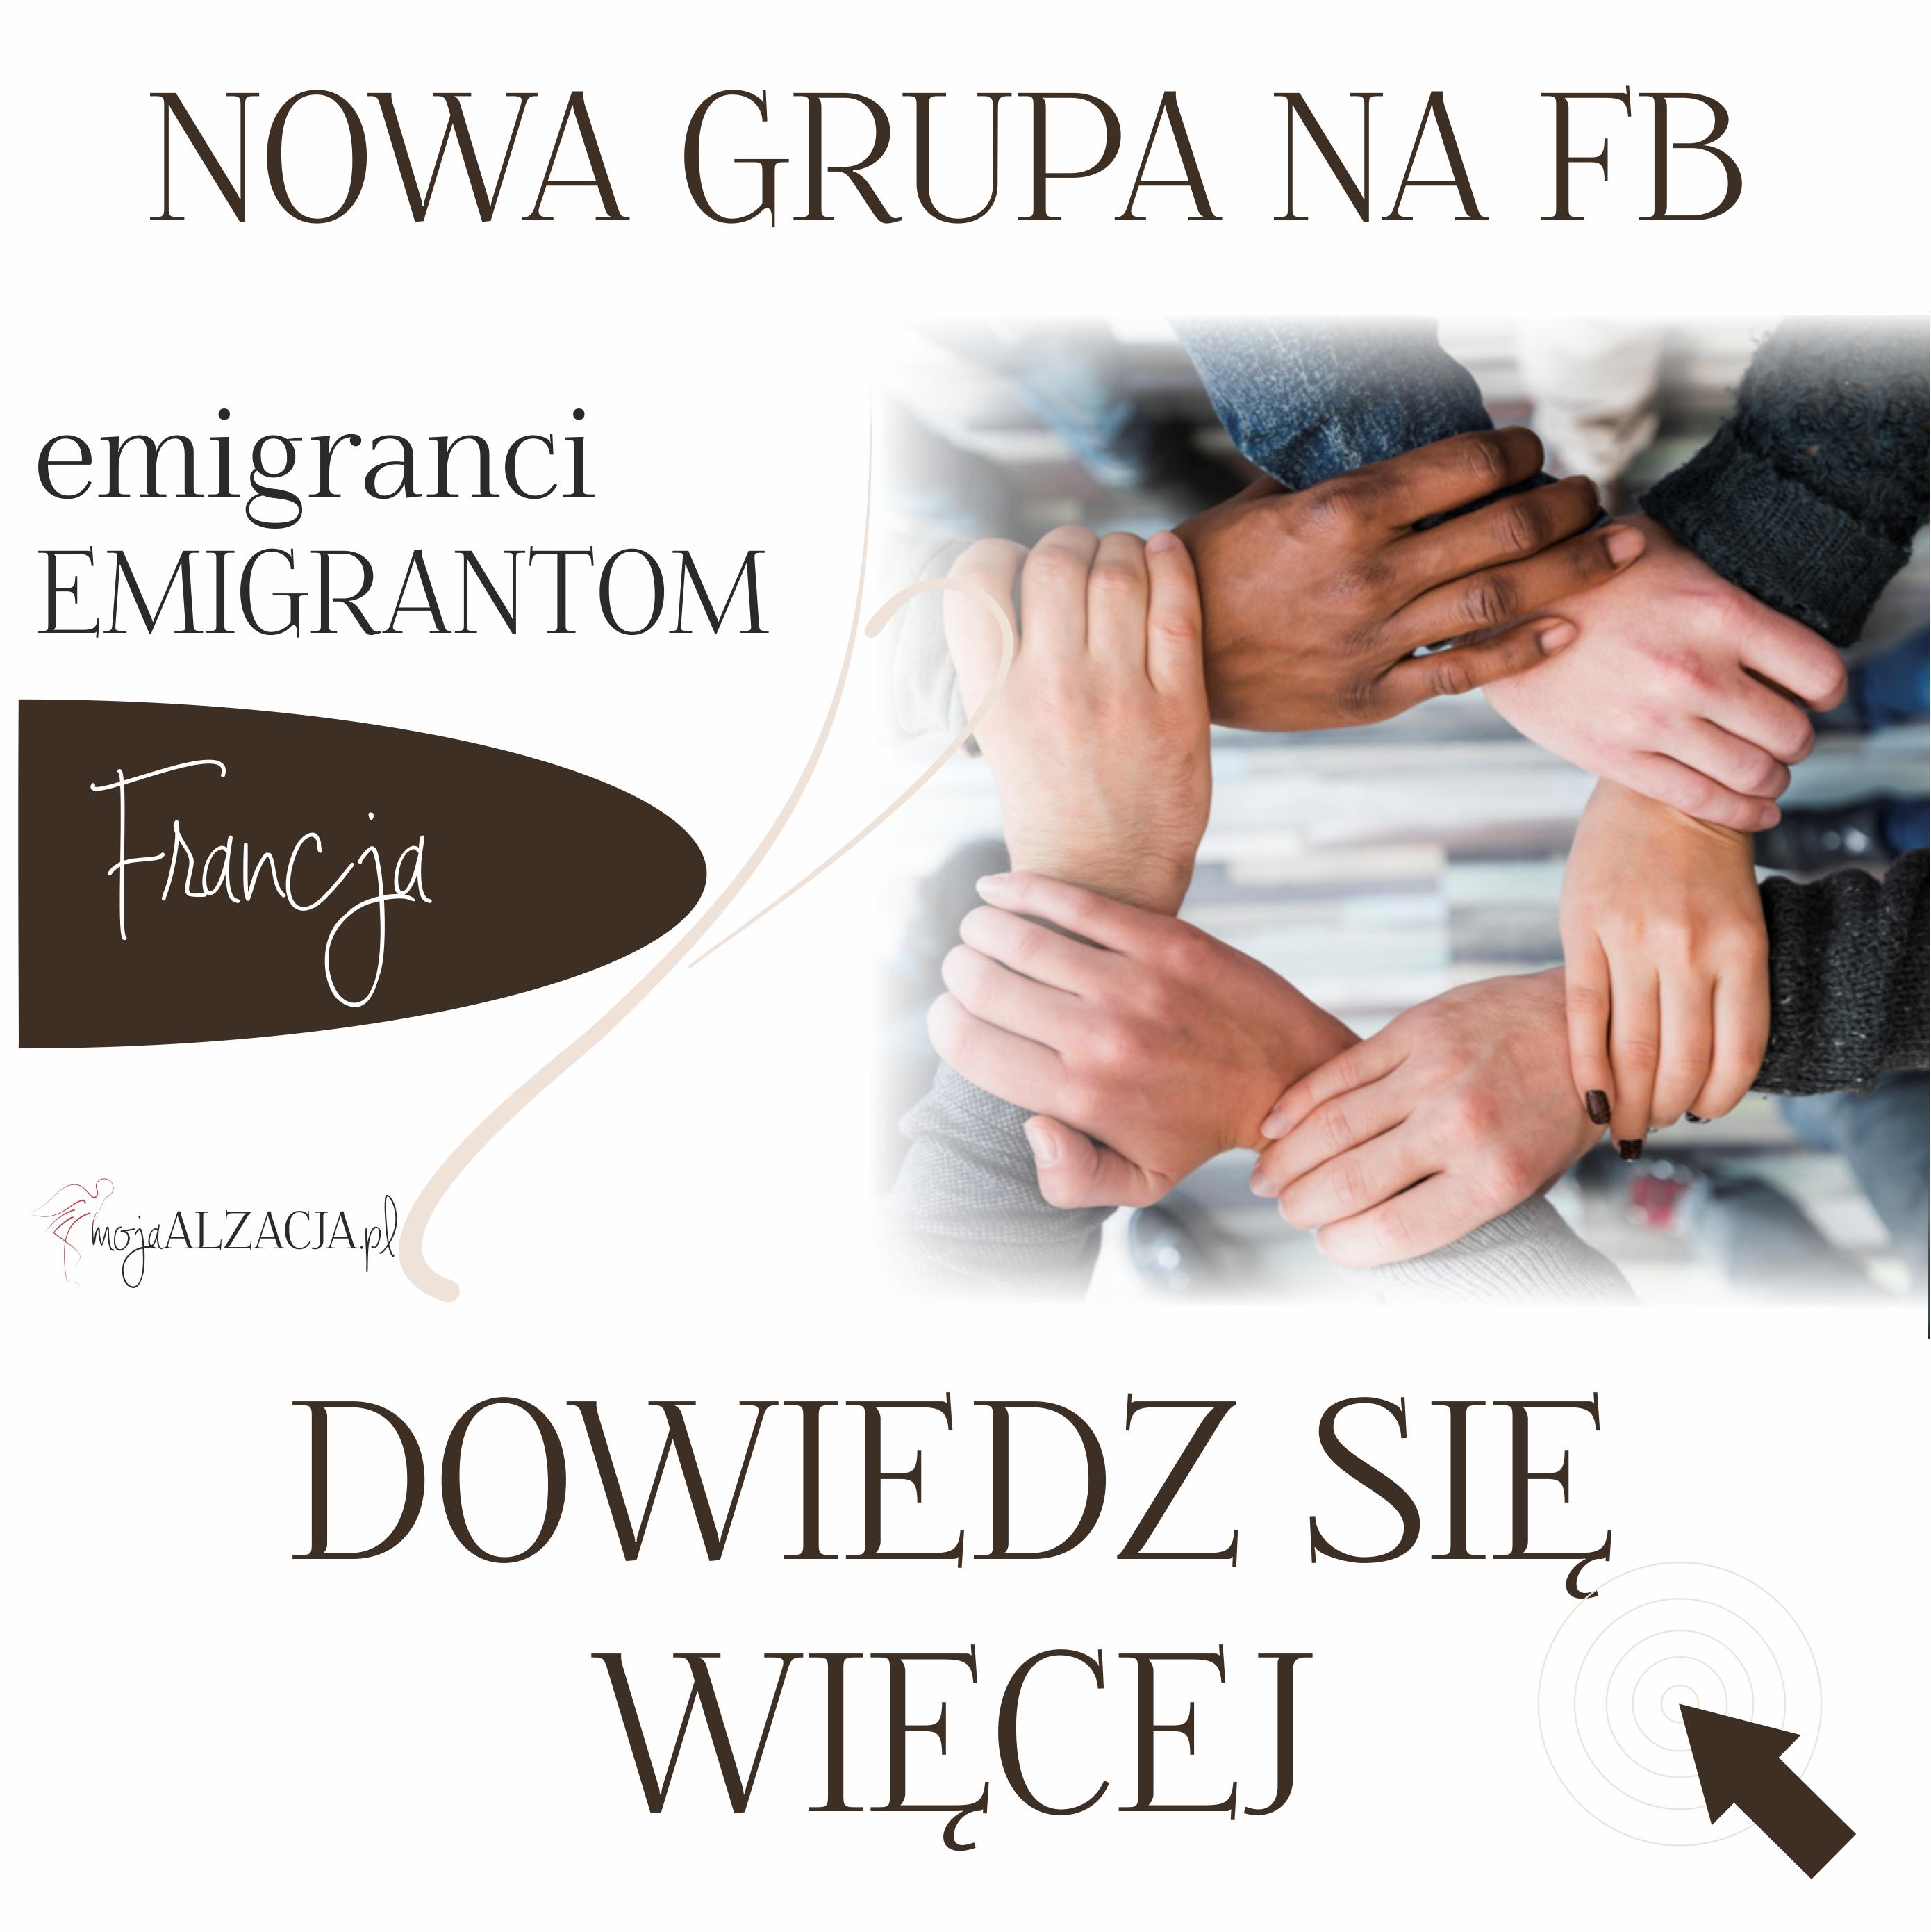 emigranci emigrantom francja